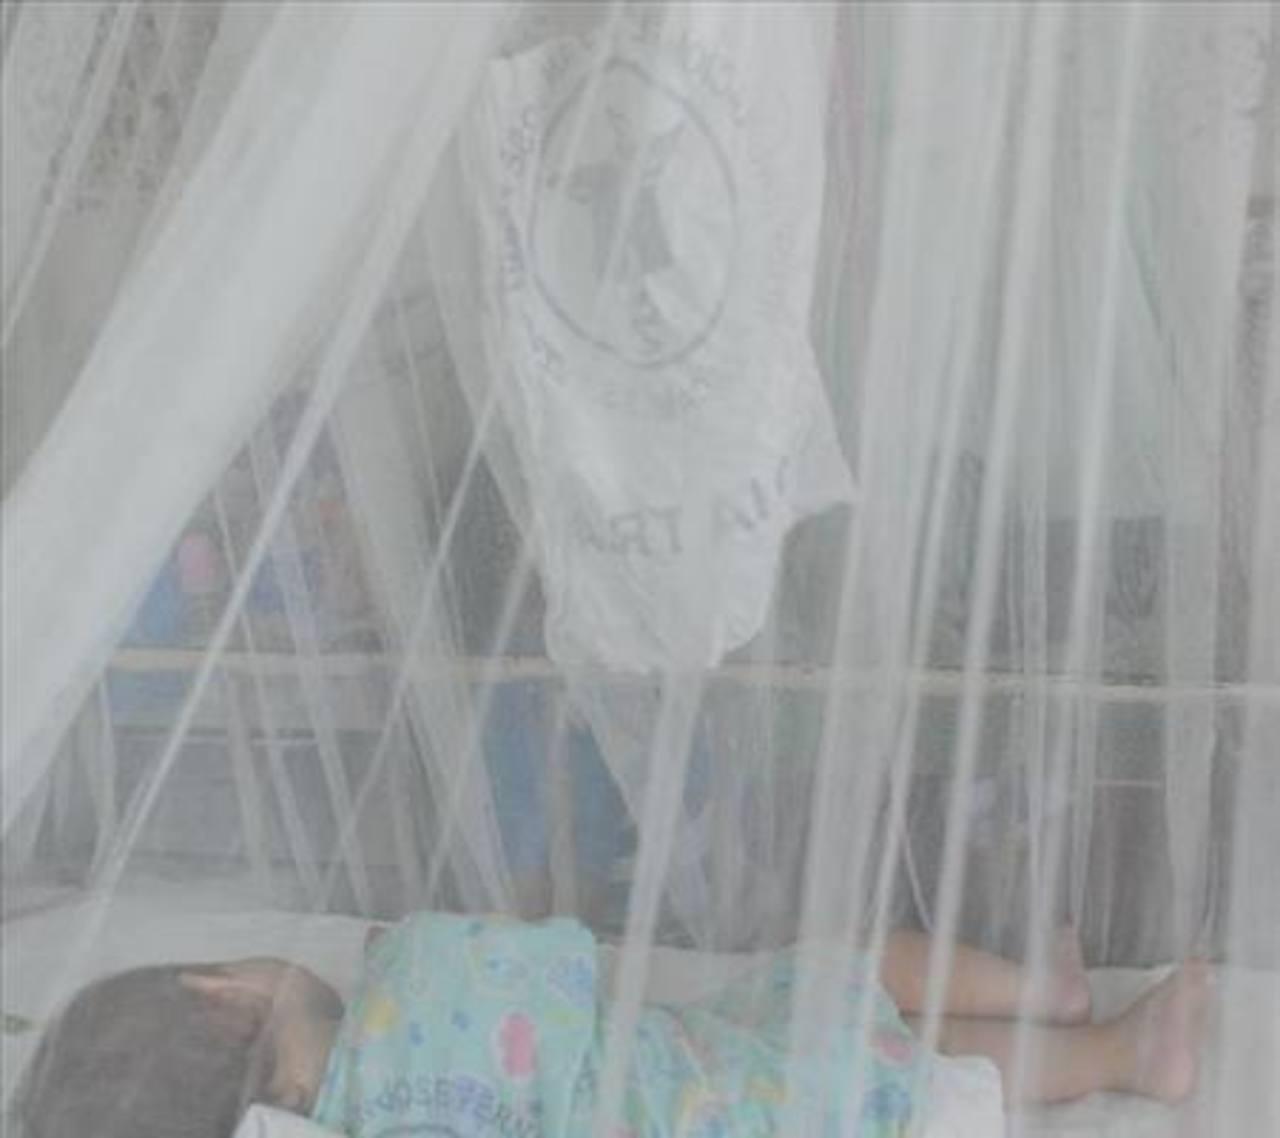 OPS teme rápida expansión de enfermedad febril en país